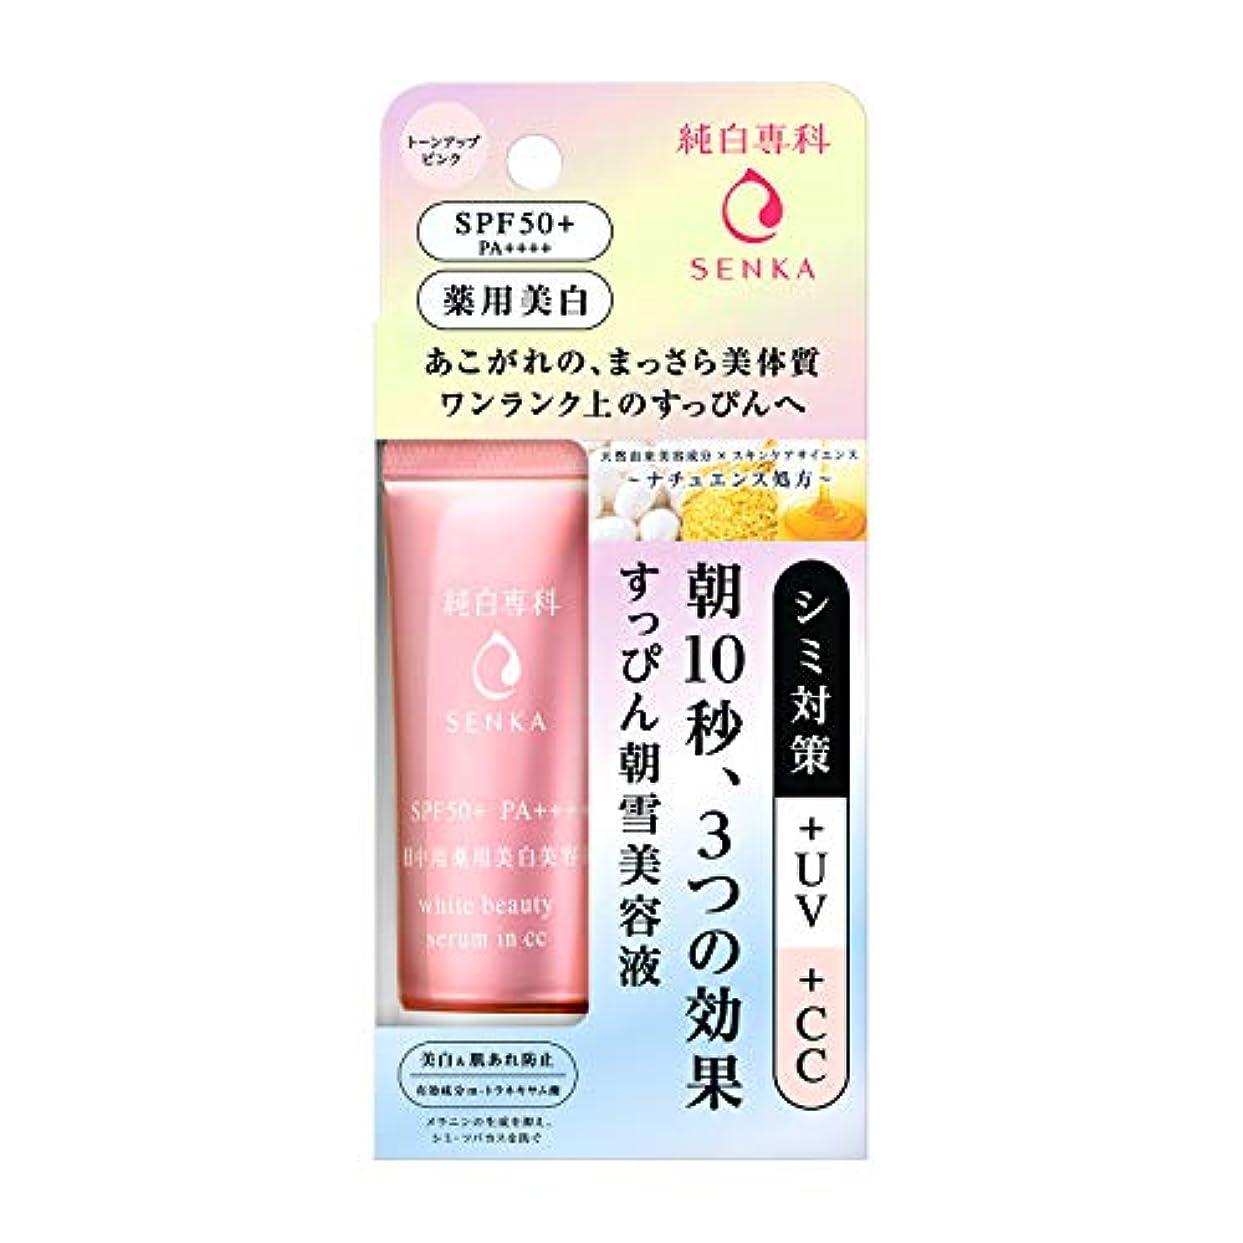 嫌いラインナップ温かい純白専科 すっぴん朝雪美容液 (医薬部外品) 40g